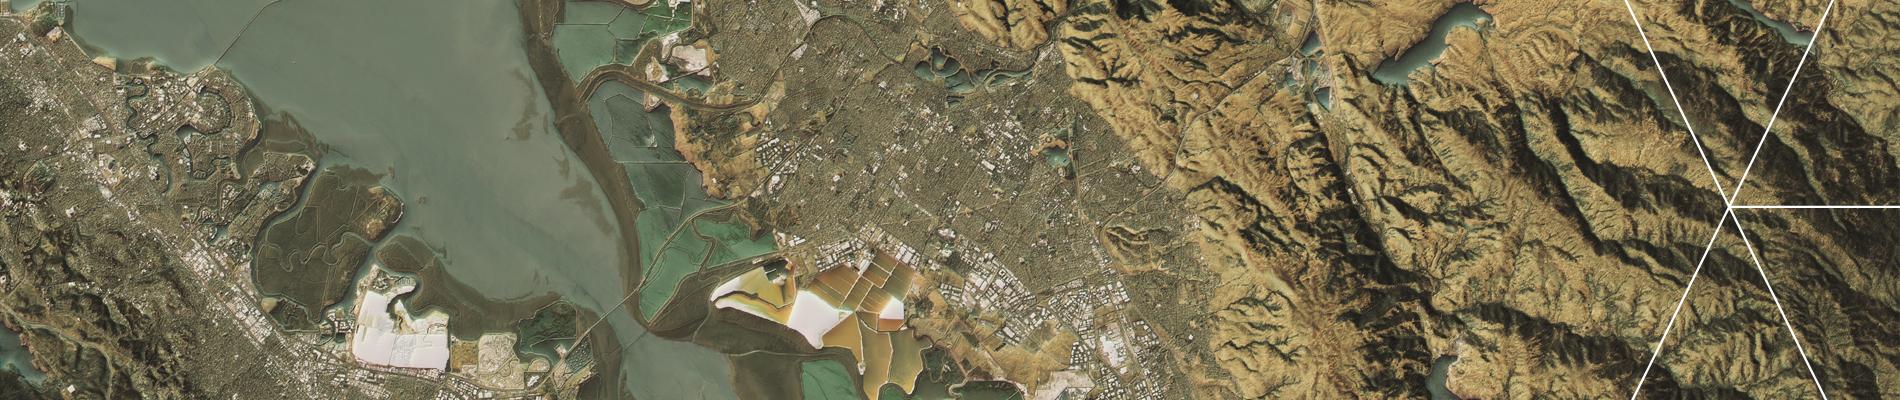 Slider - Geoscienza - Cia Lab - Analisi e Consulenza